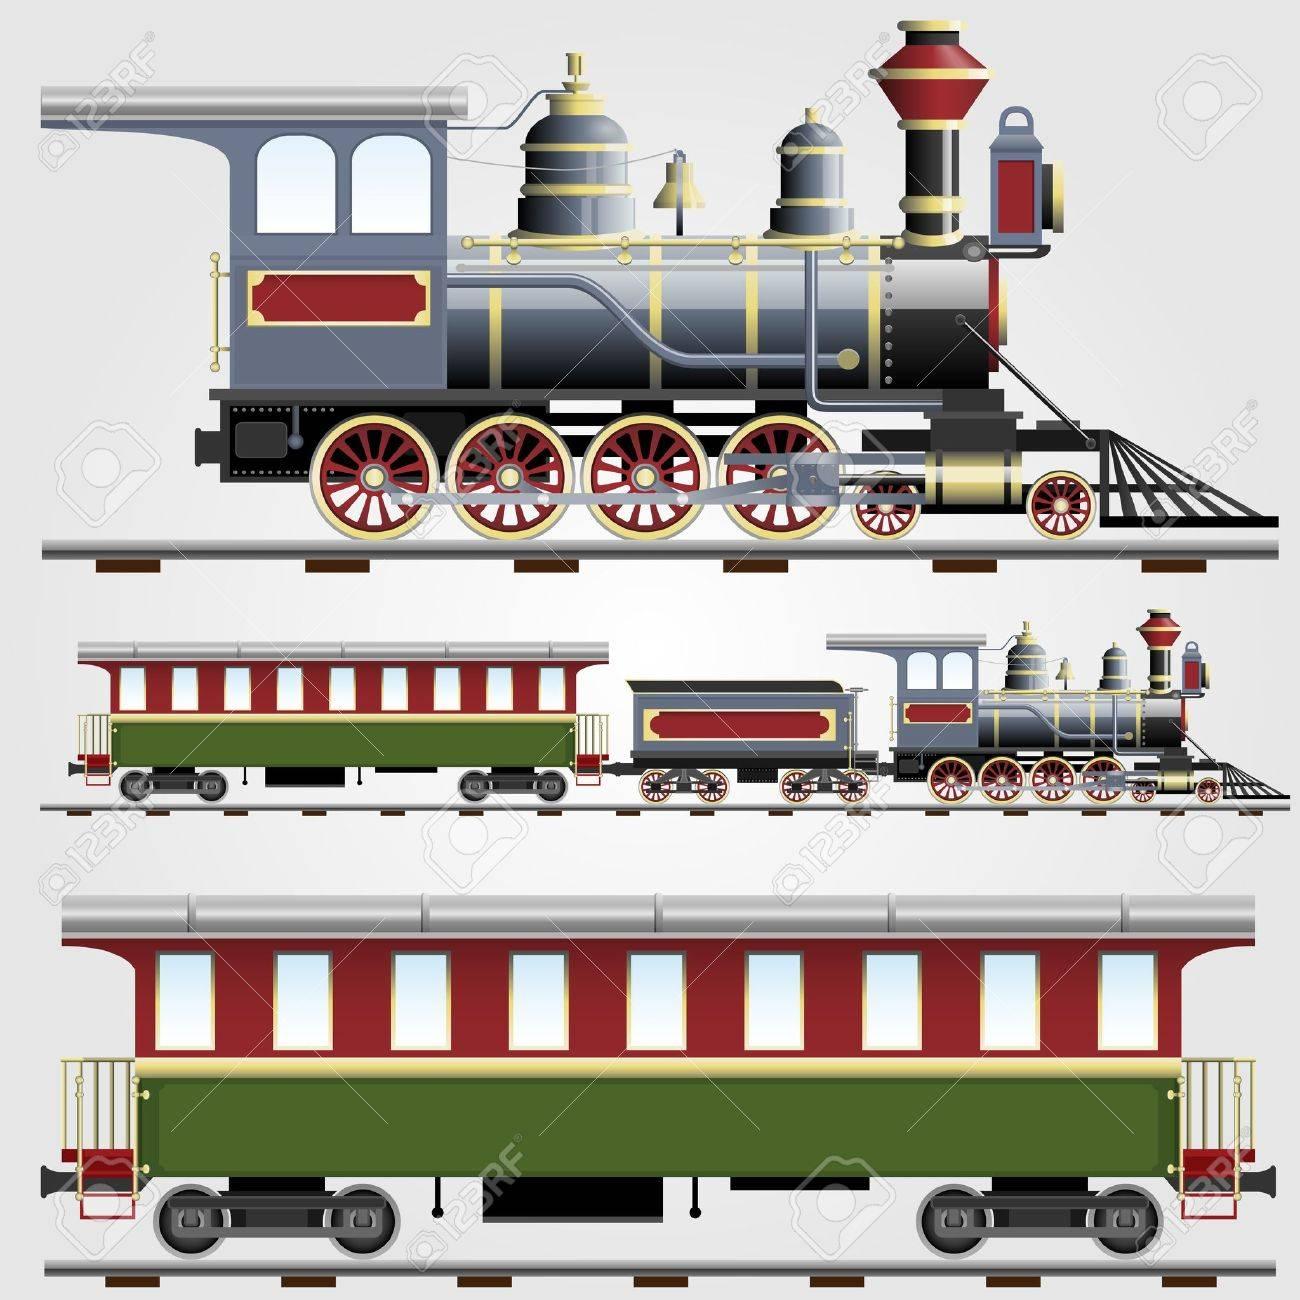 Retro steam train with coach Stock Vector - 12302191